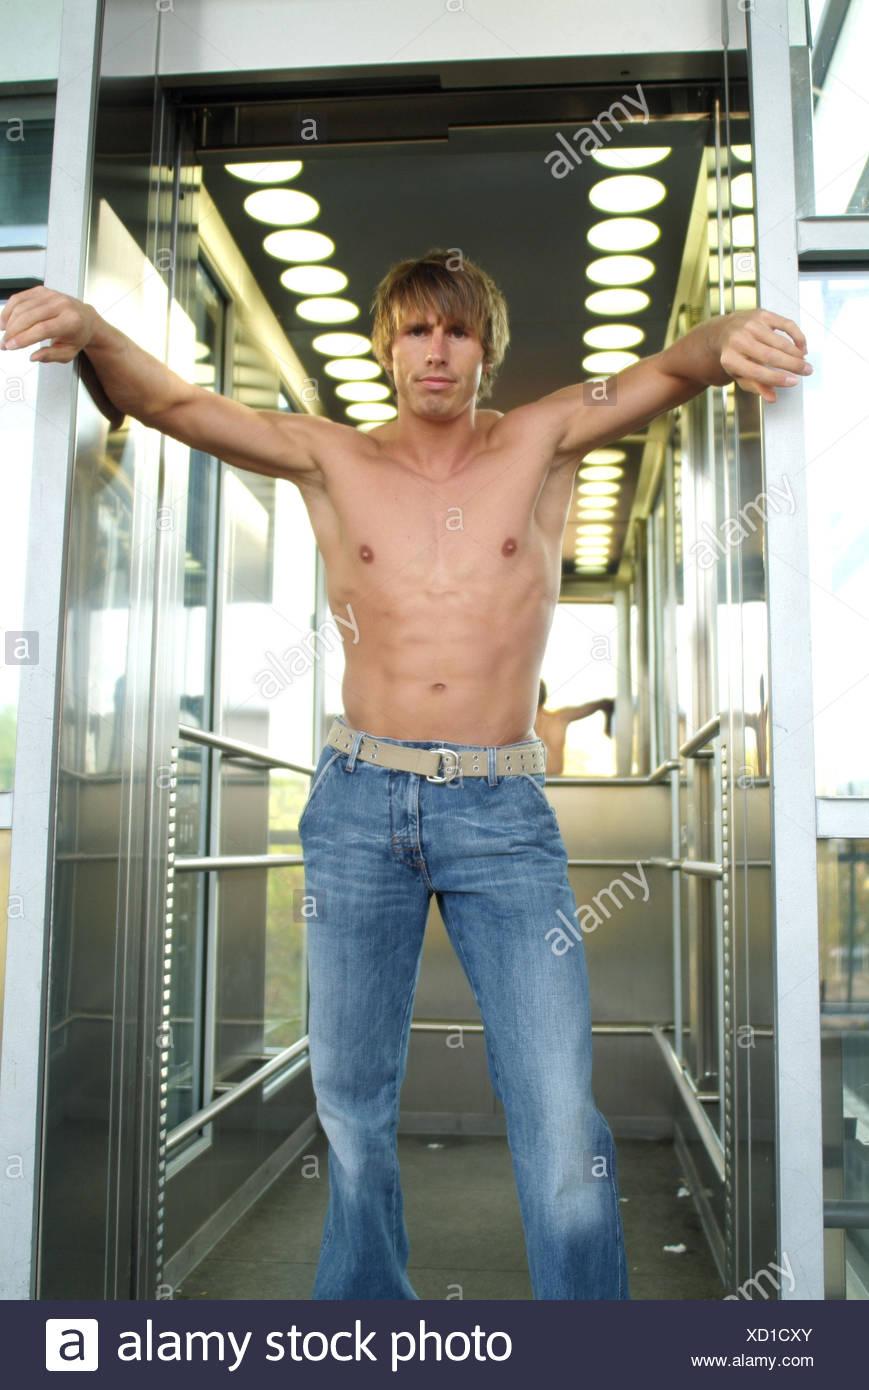 """Elevación, hombre, joven, libre en la parte superior del cuerpo, fresco, levante, levante, puerta abierta, levantar la puerta, abrió, machista, lady-killer, braggart, """"Sueños"""", modelo varonil, jeans, stand, magro, considere orgullosamente, descuidado, auto-confianza, decididamente, desafiante, órganos, w Imagen De Stock"""